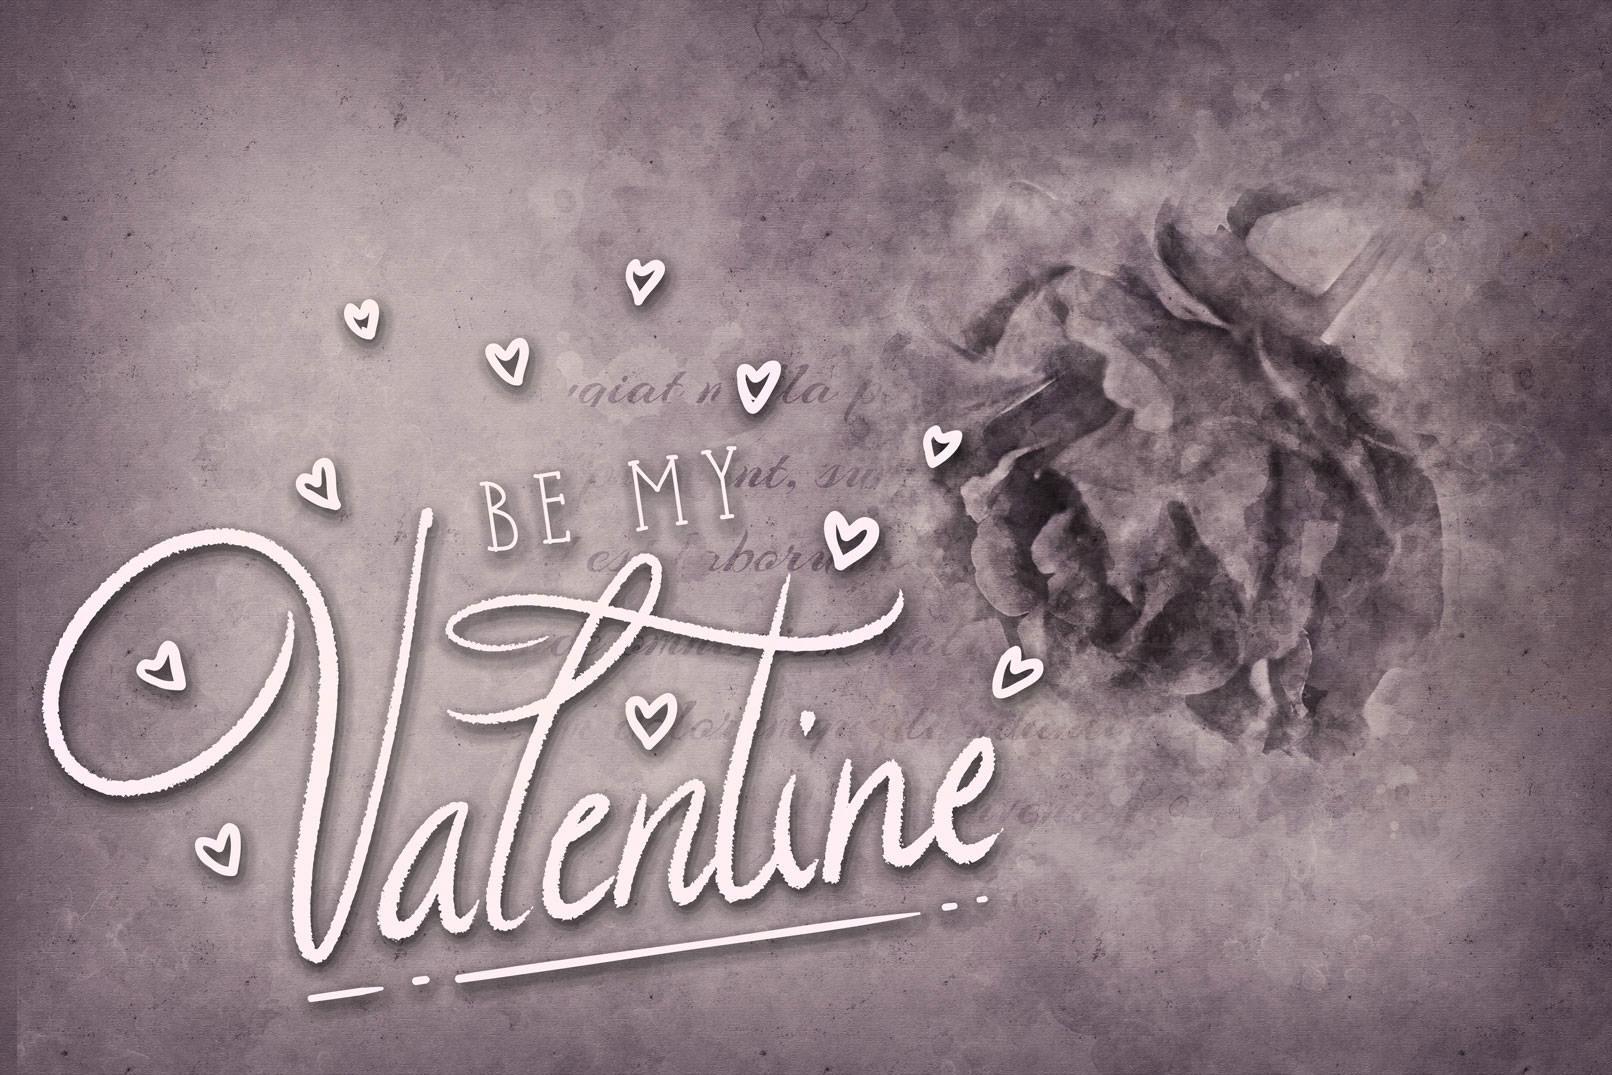 Gruß zum Valentinstag mit einem Hintergrundbild mit einer Rose